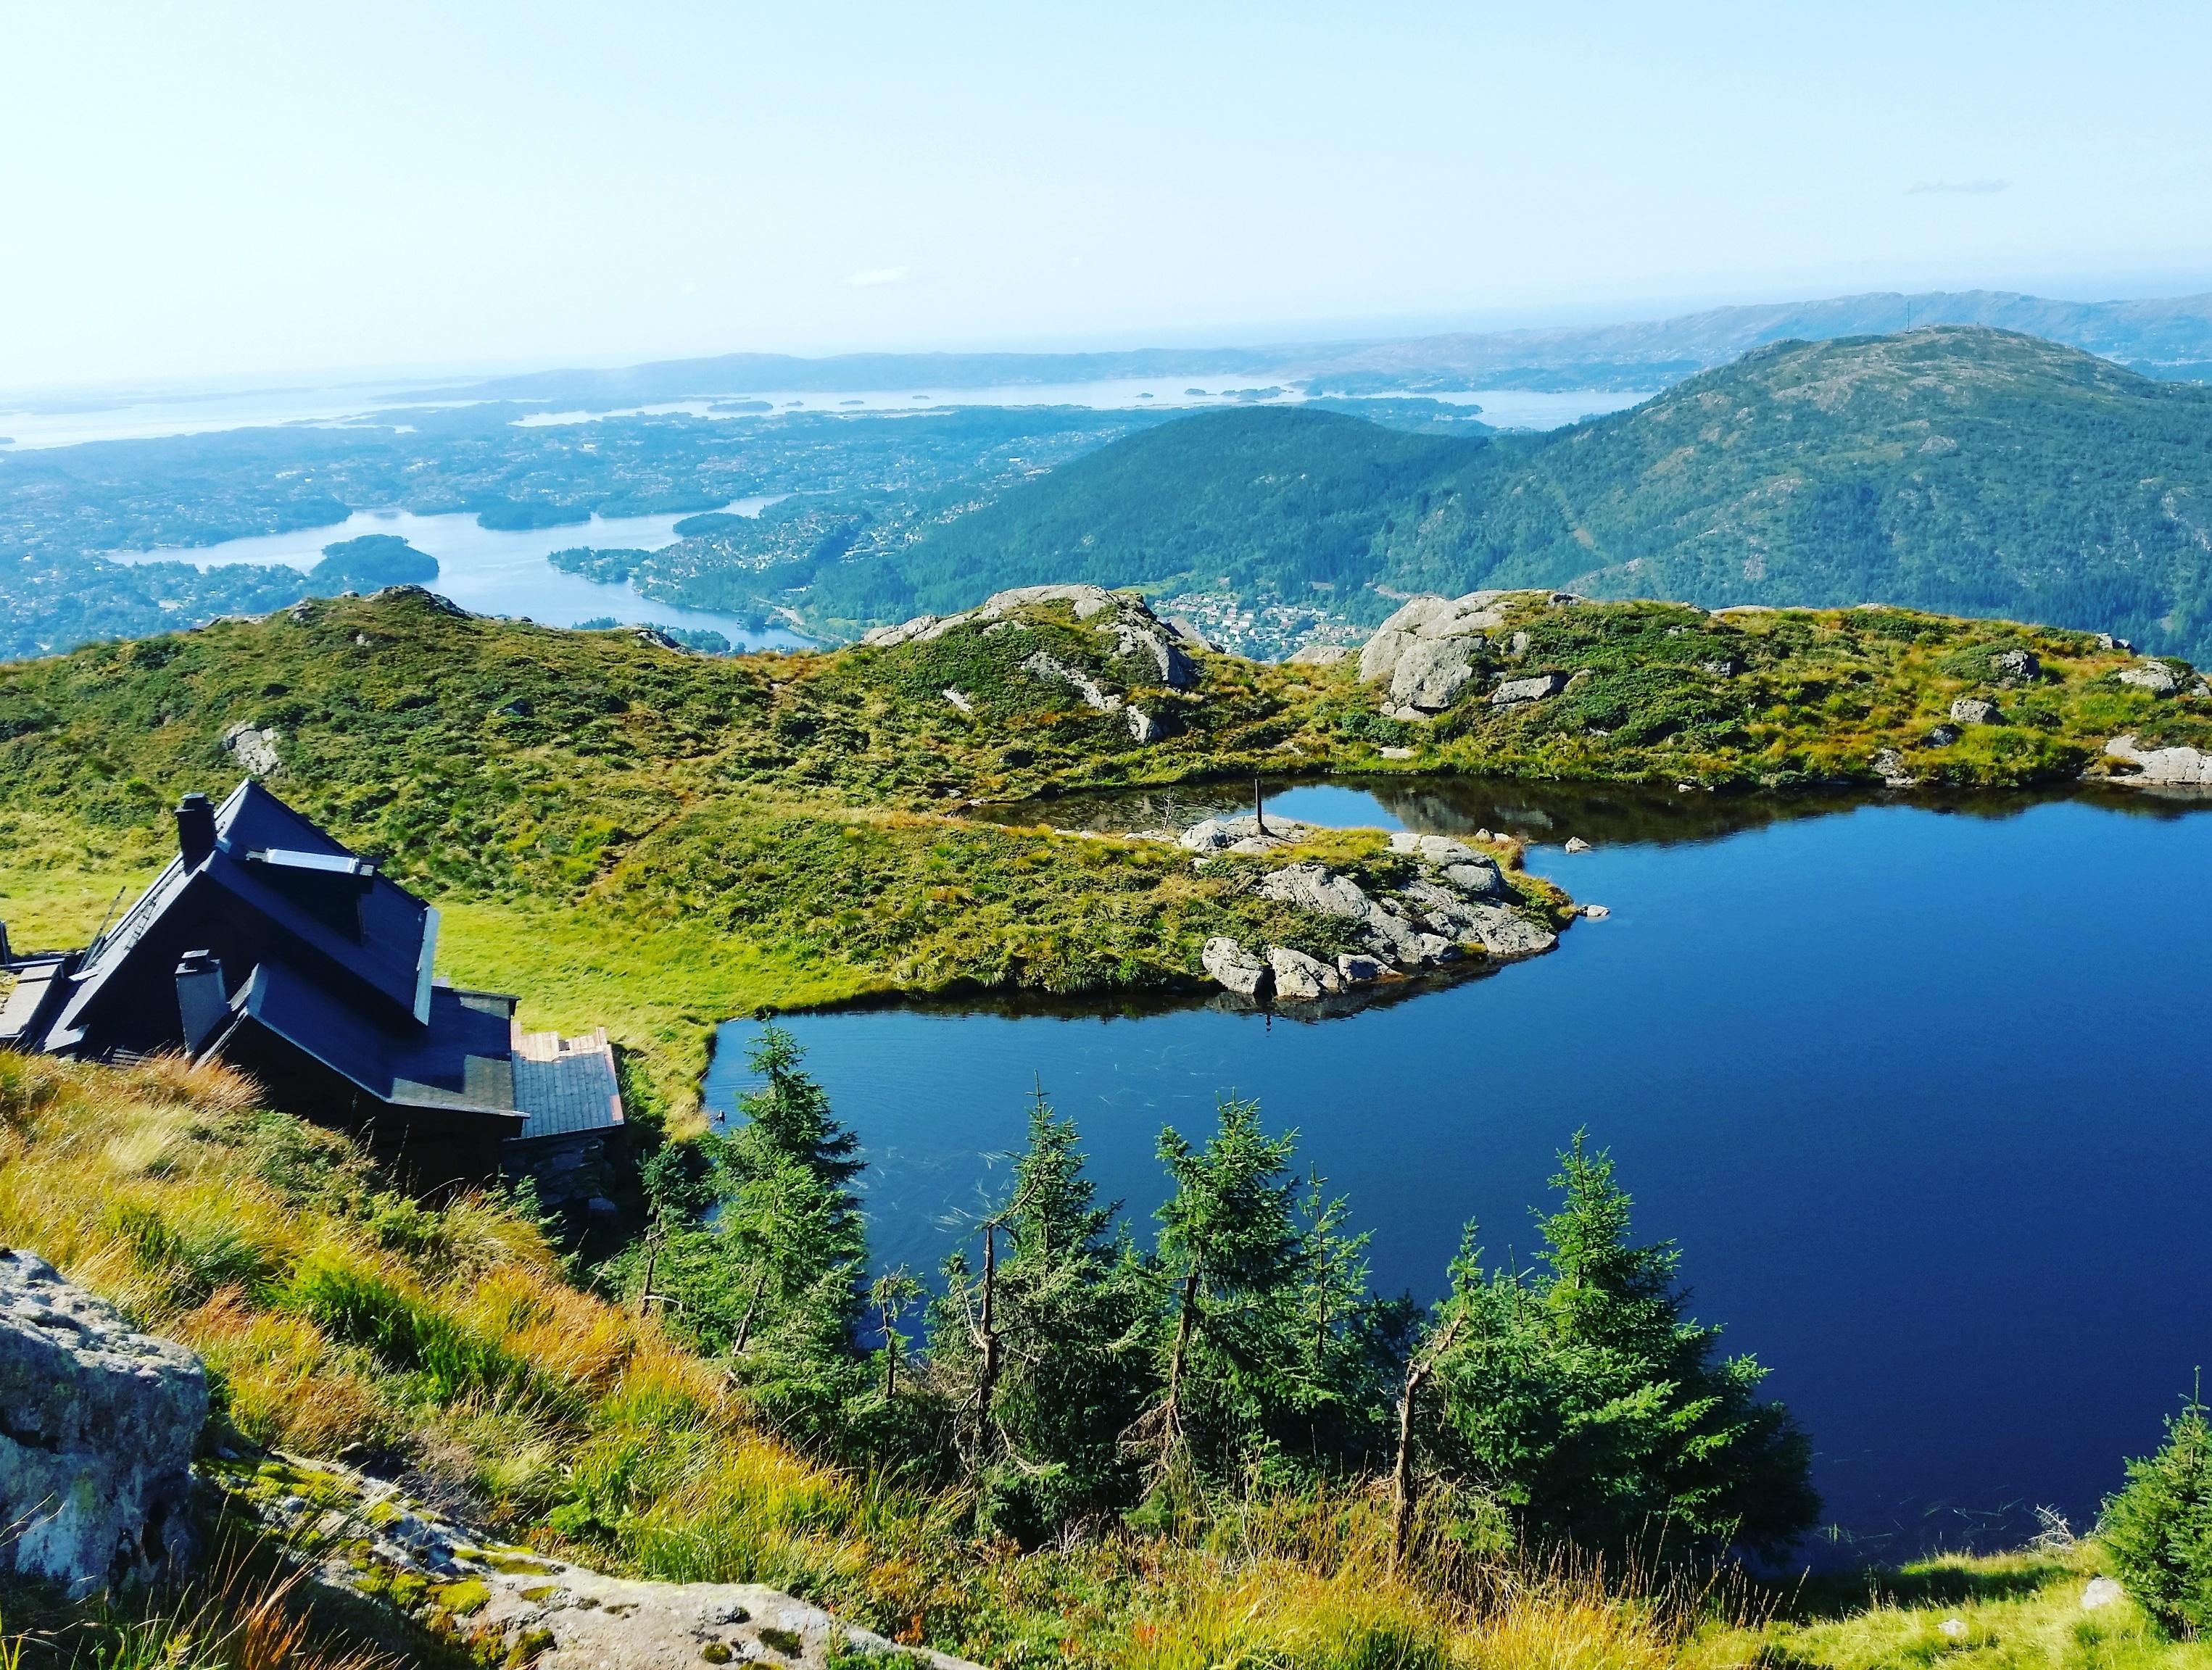 Cose da non perdere a Bergen, Norvegia. | Viaggio in Norvegia